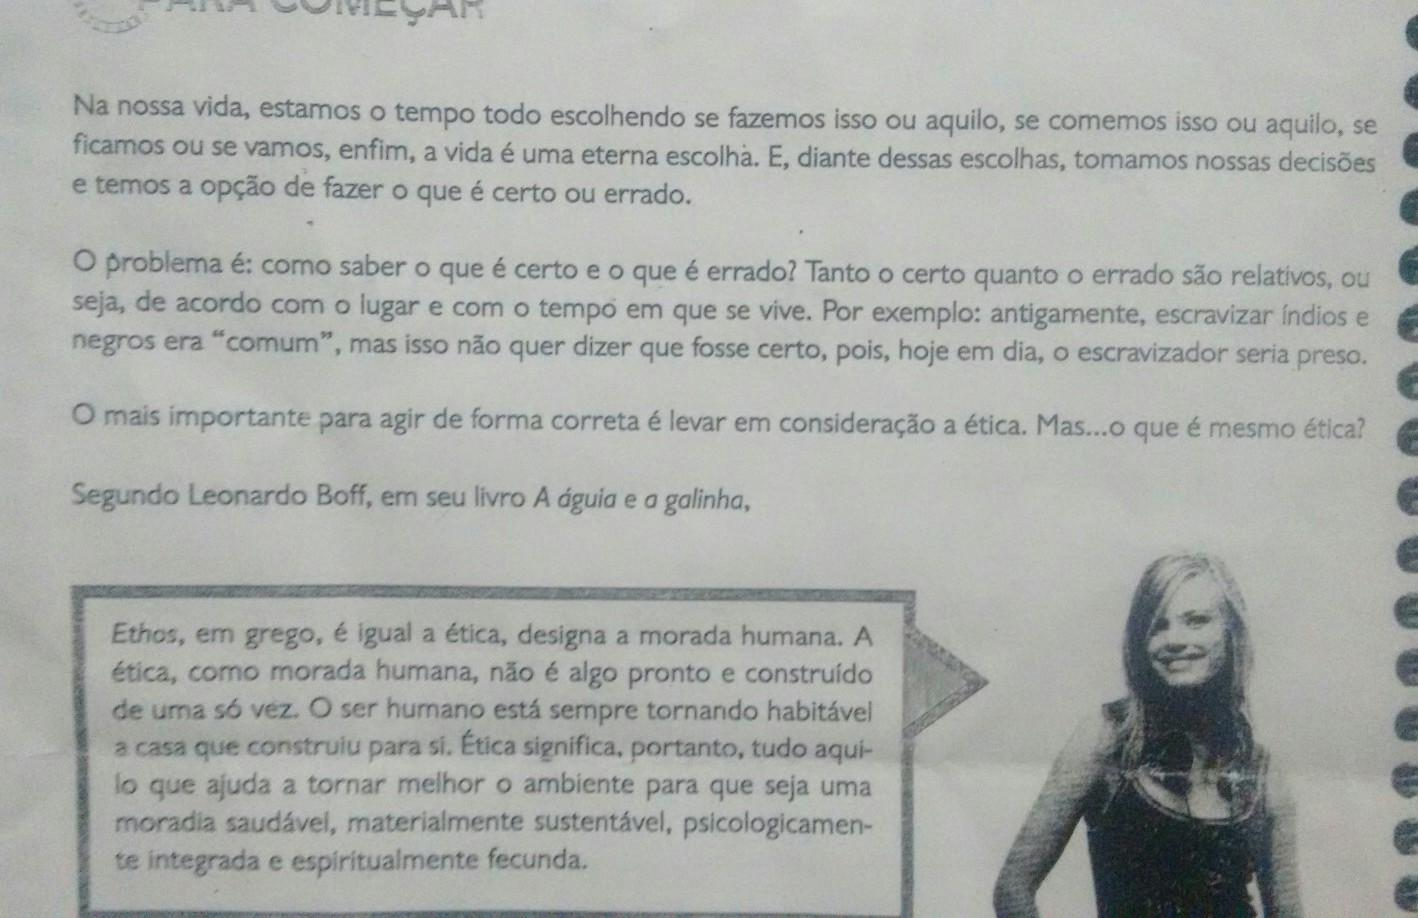 A GALINHA GUIA BAIXAR LEONARDO A BOFF DE E